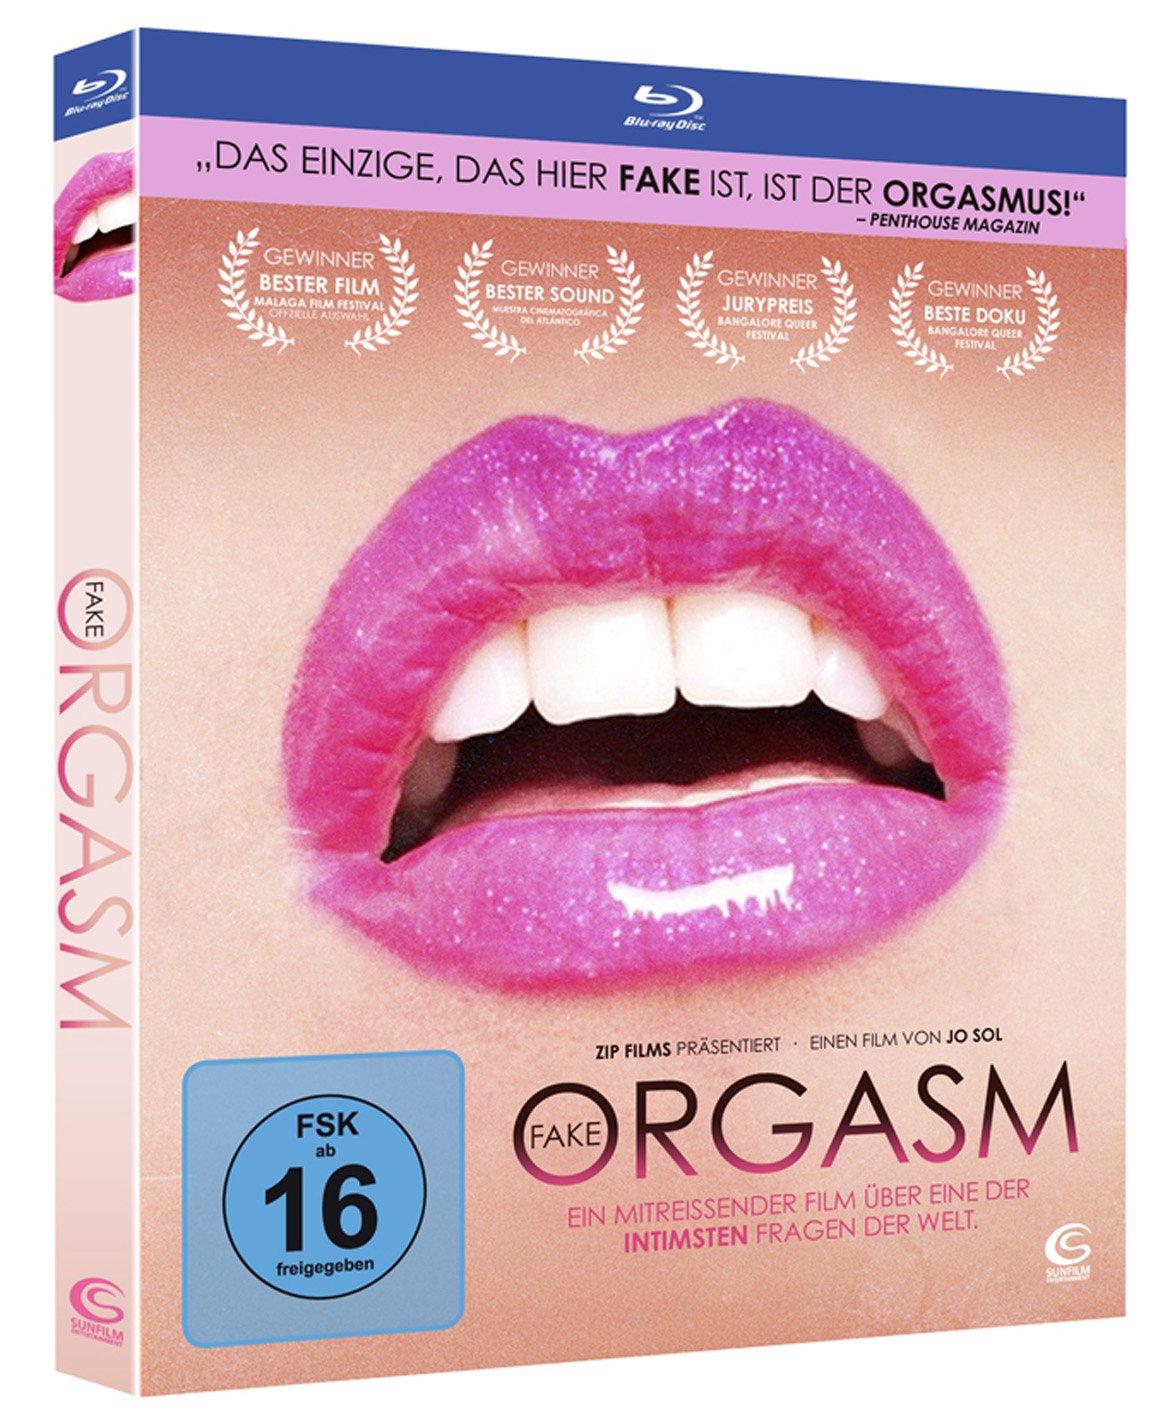 Fake Orgasm - Ein mitreißender Film über eine der intimsten Fragen ...